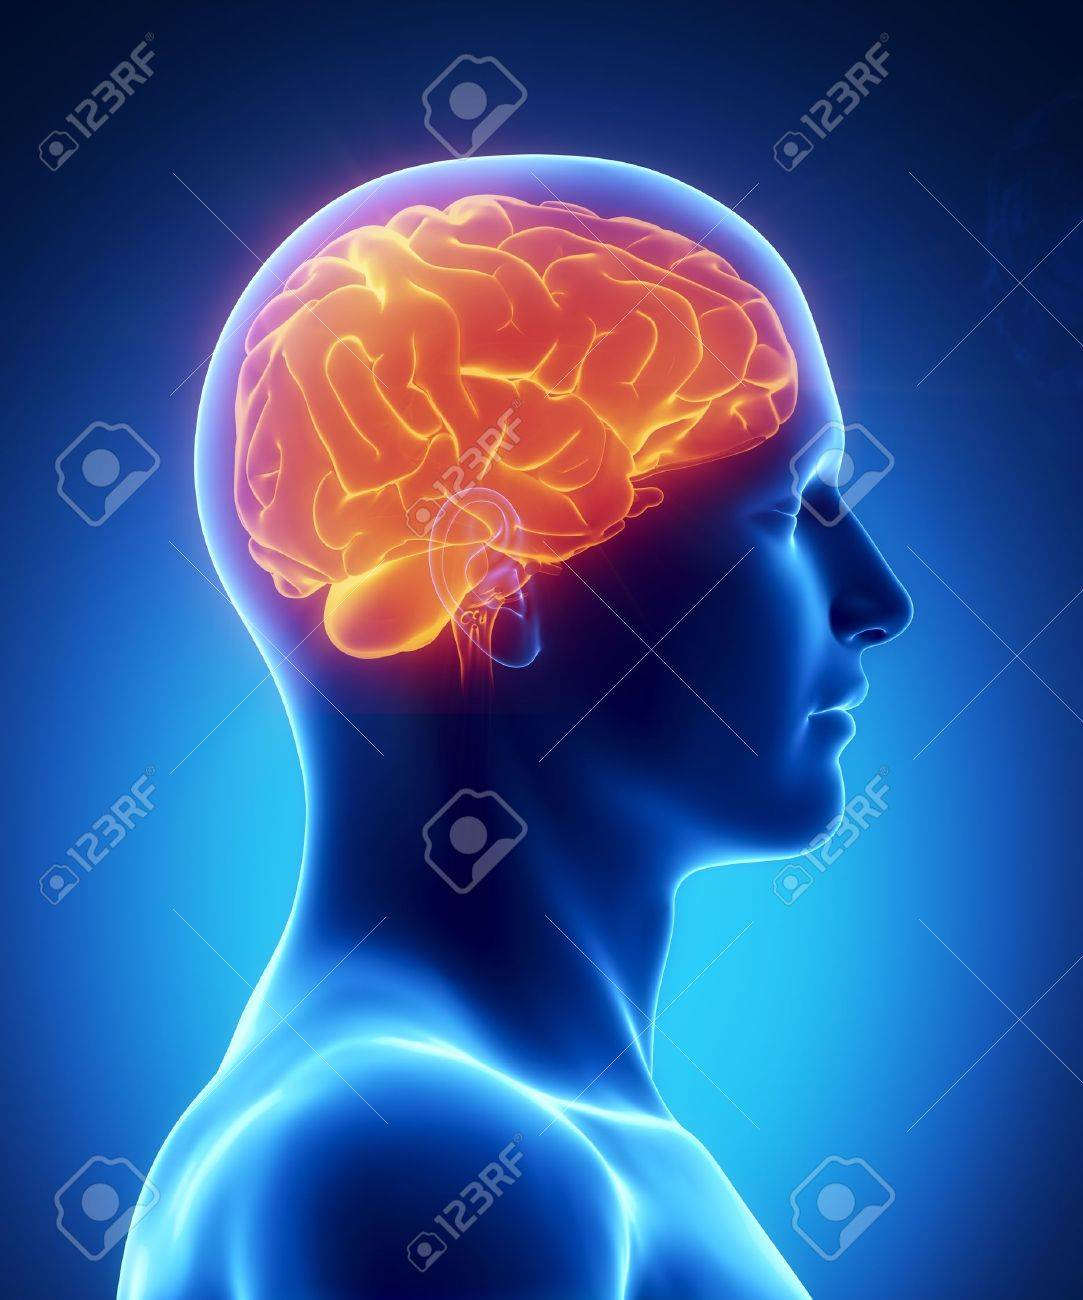 Anatomía Masculina Del Cerebro Humano En Vista De Rayos X Fotos ...